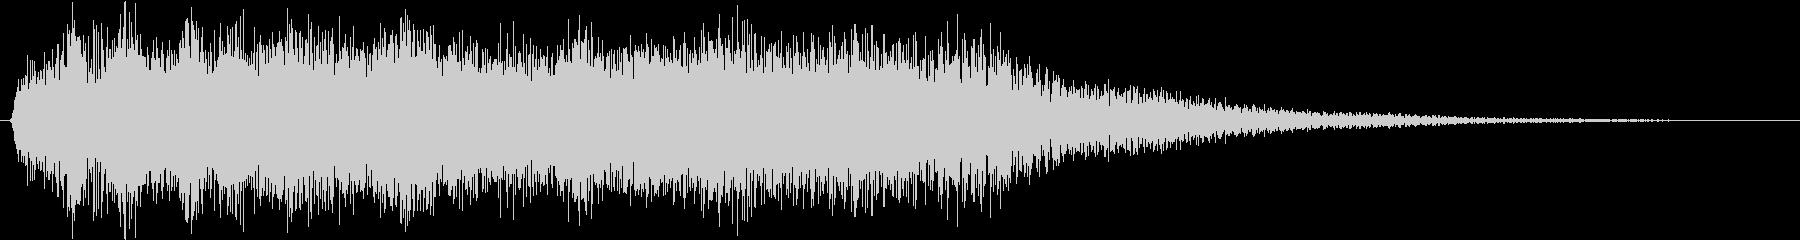 フルートの暖かいサウンドロゴの未再生の波形